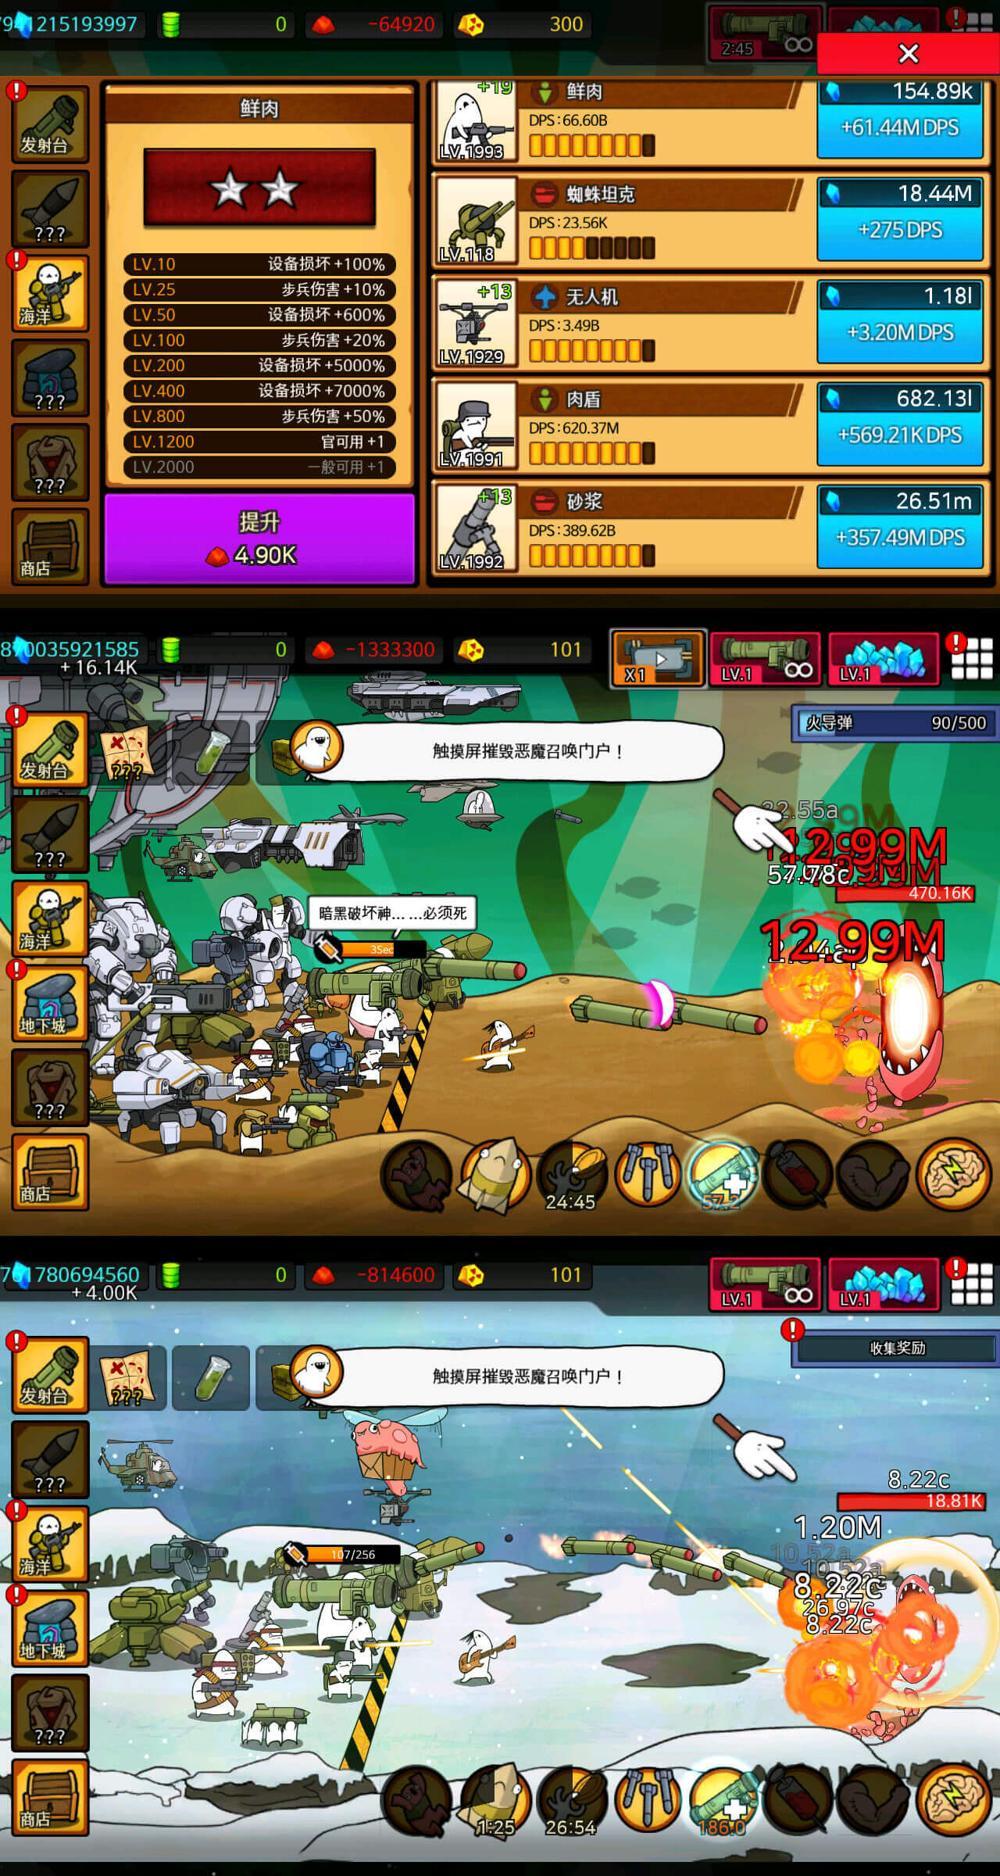 导弹RPG超魔性的手机游戏免费使用钻石